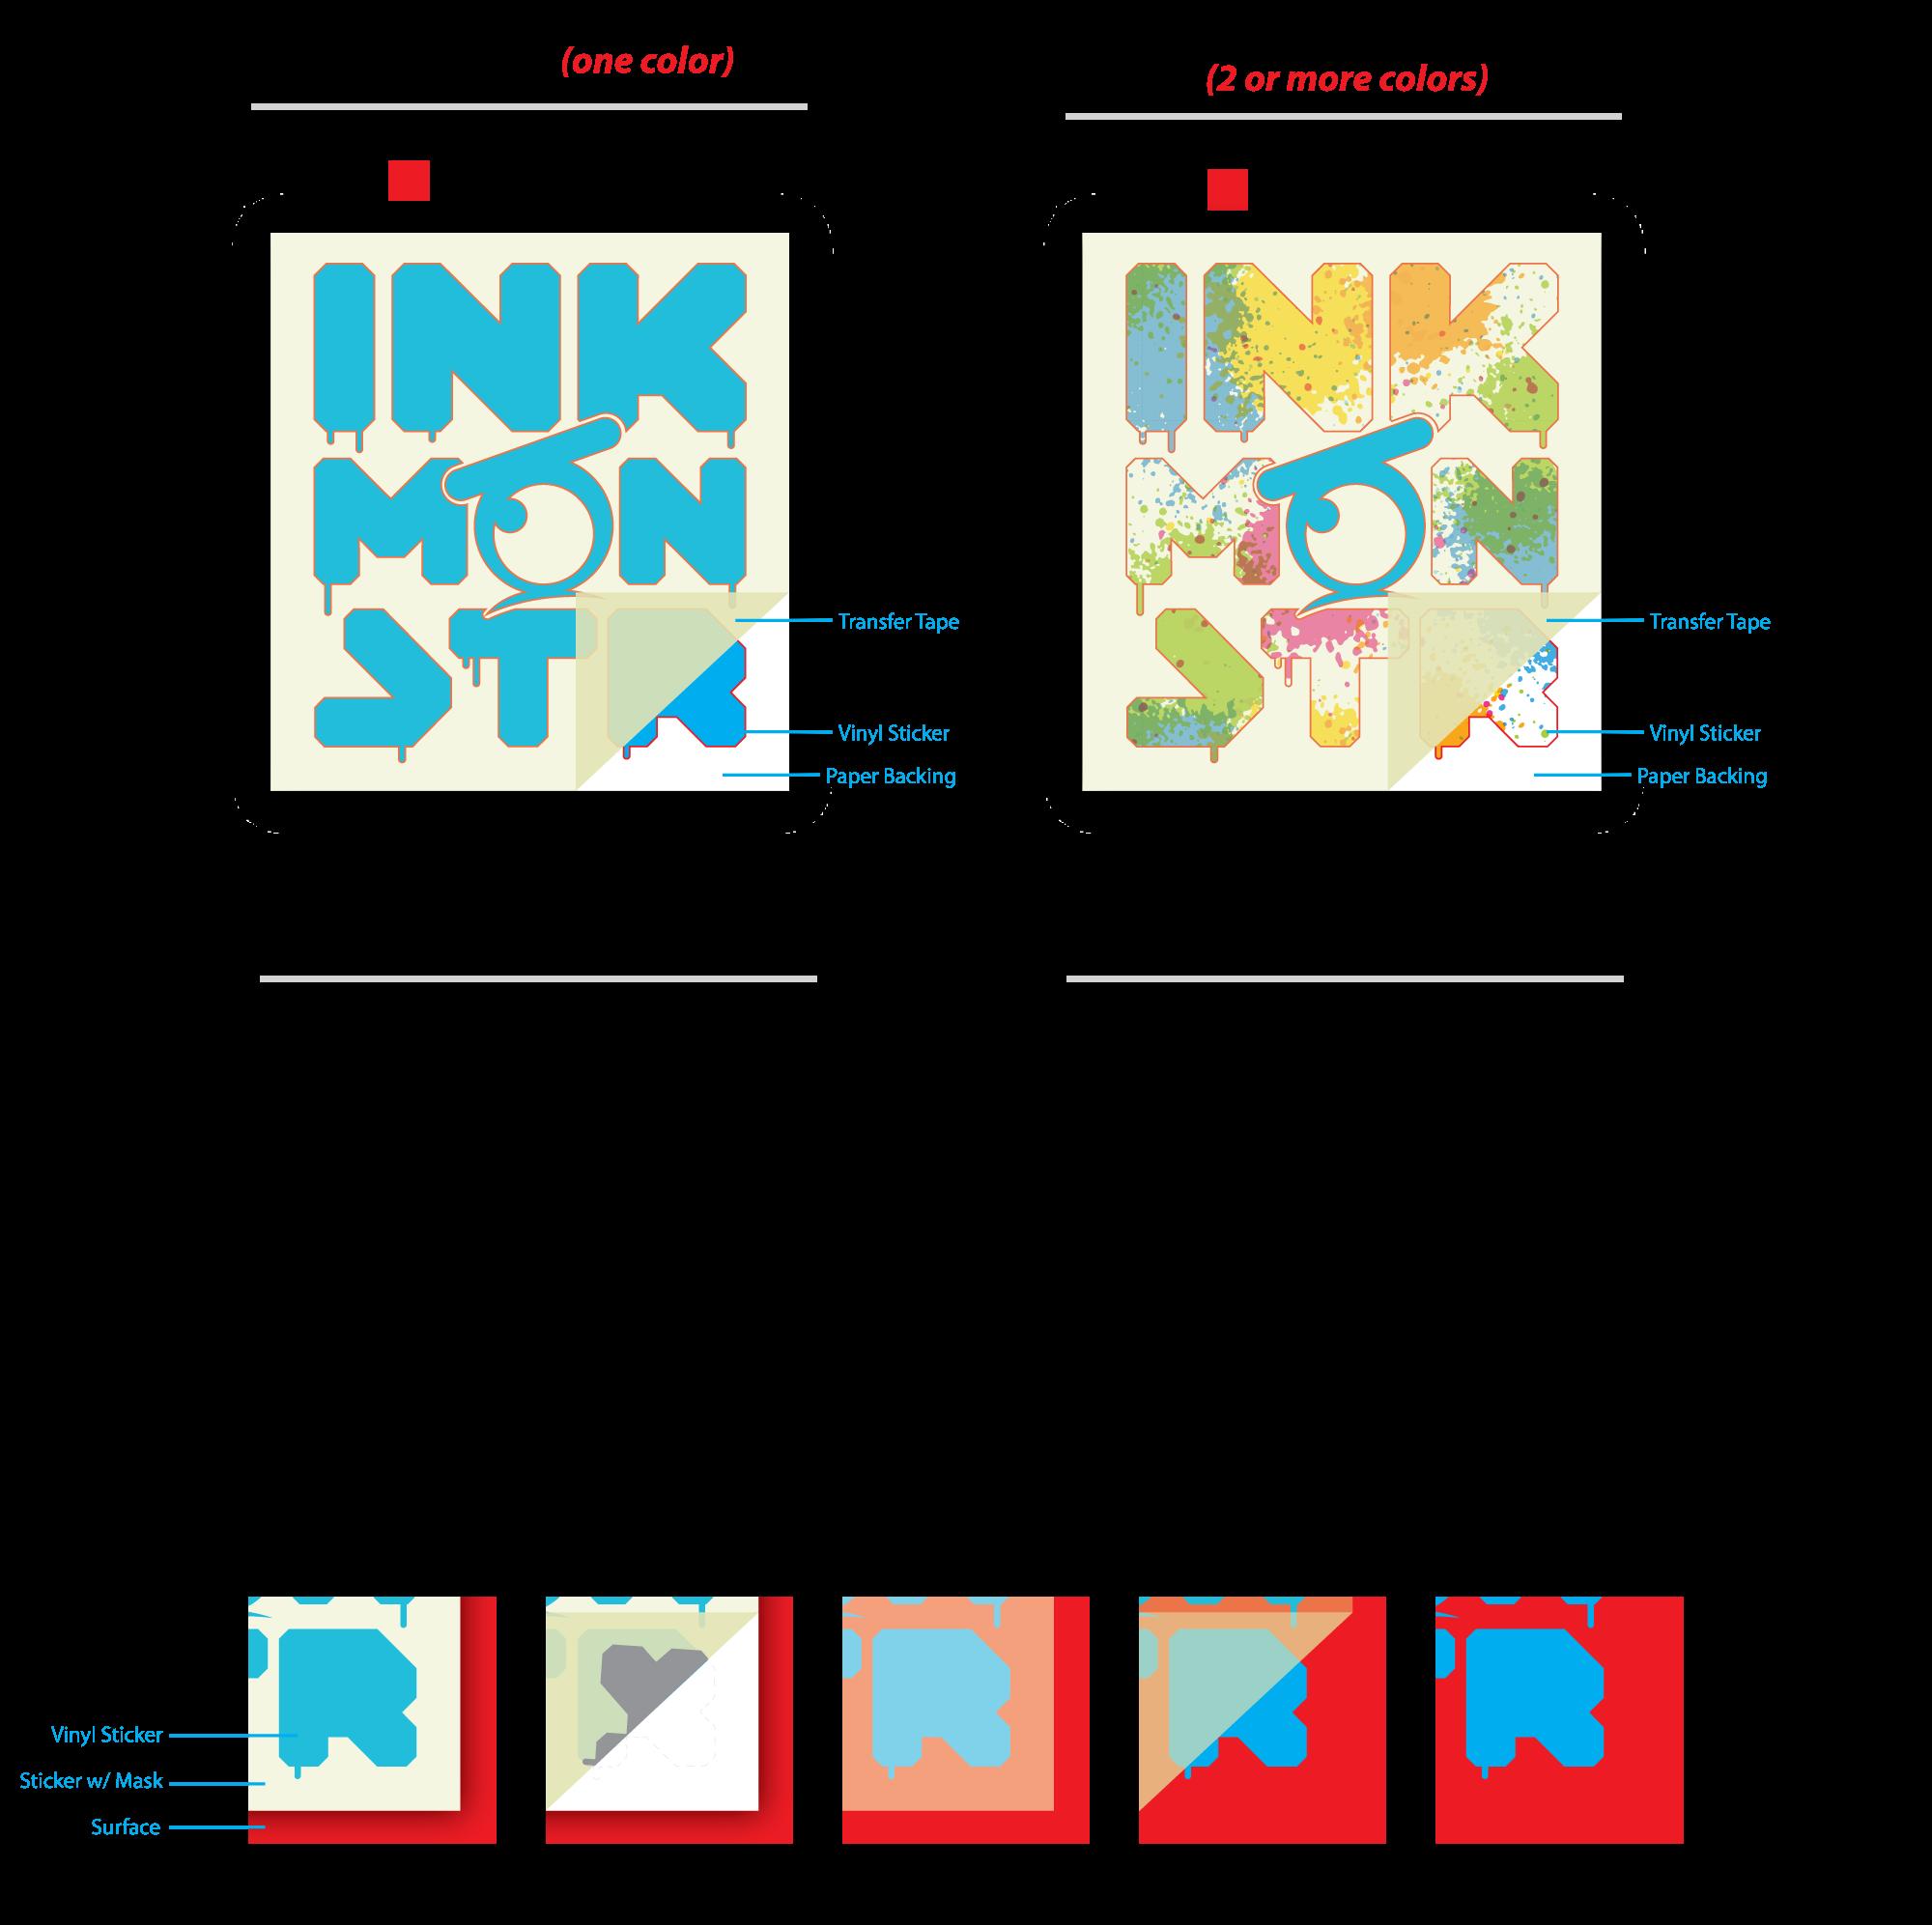 Decal Types - Die Cut vs Printed Die Cut